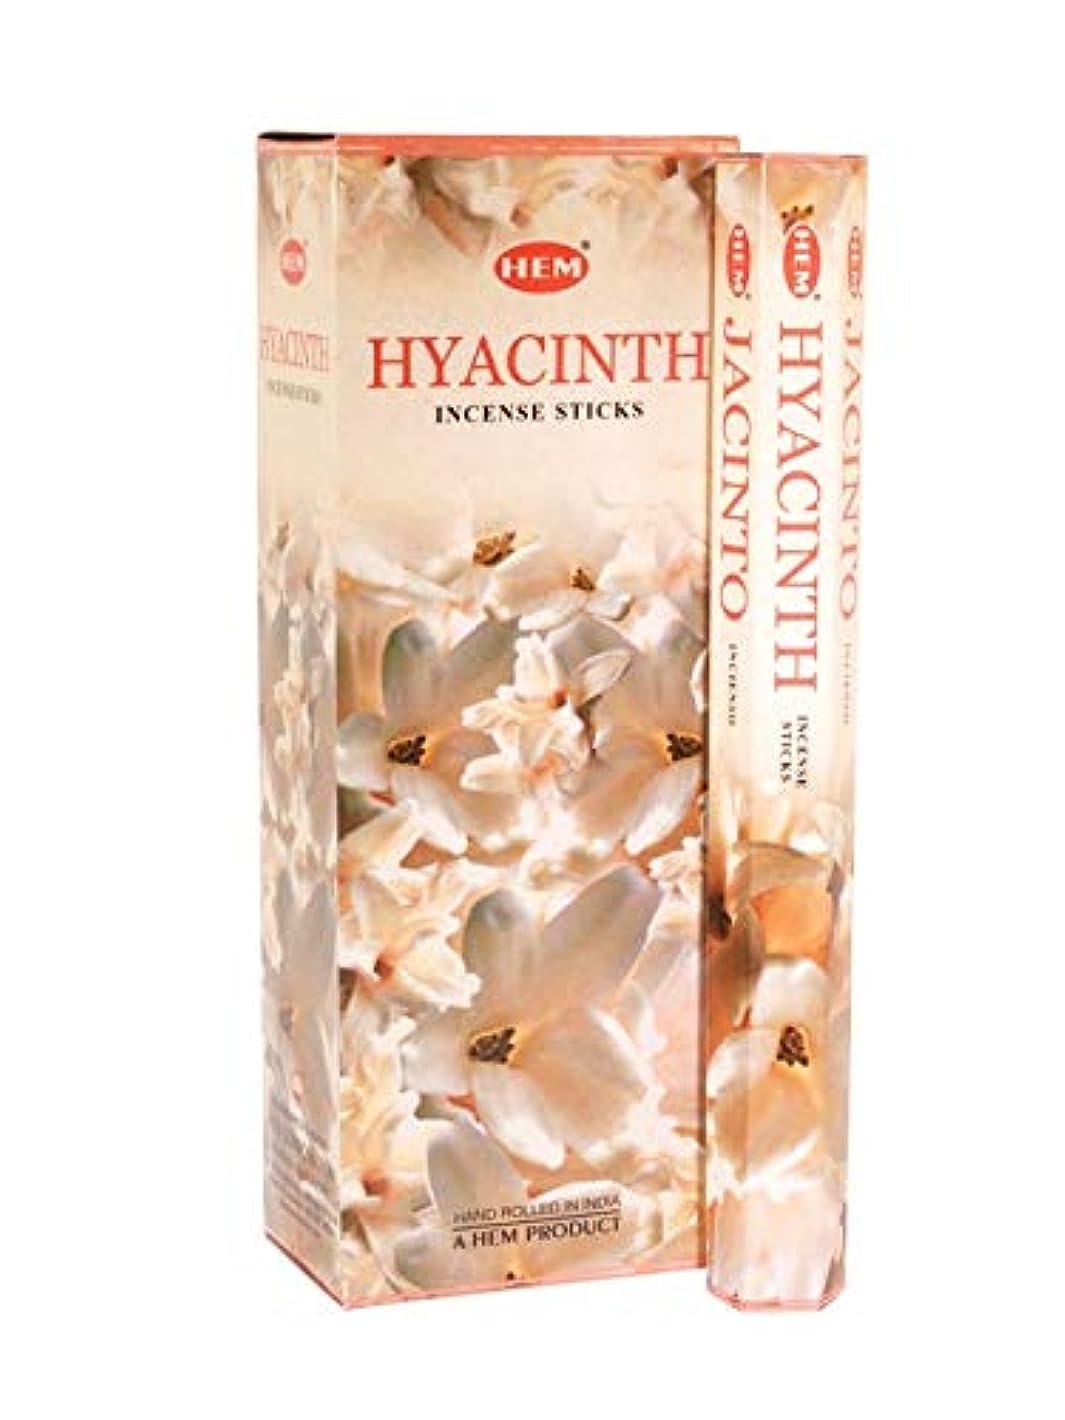 栄光つかむ不適当HEM(ヘム)社 ヒヤシンス香 スティック HYACINTH 6箱セット